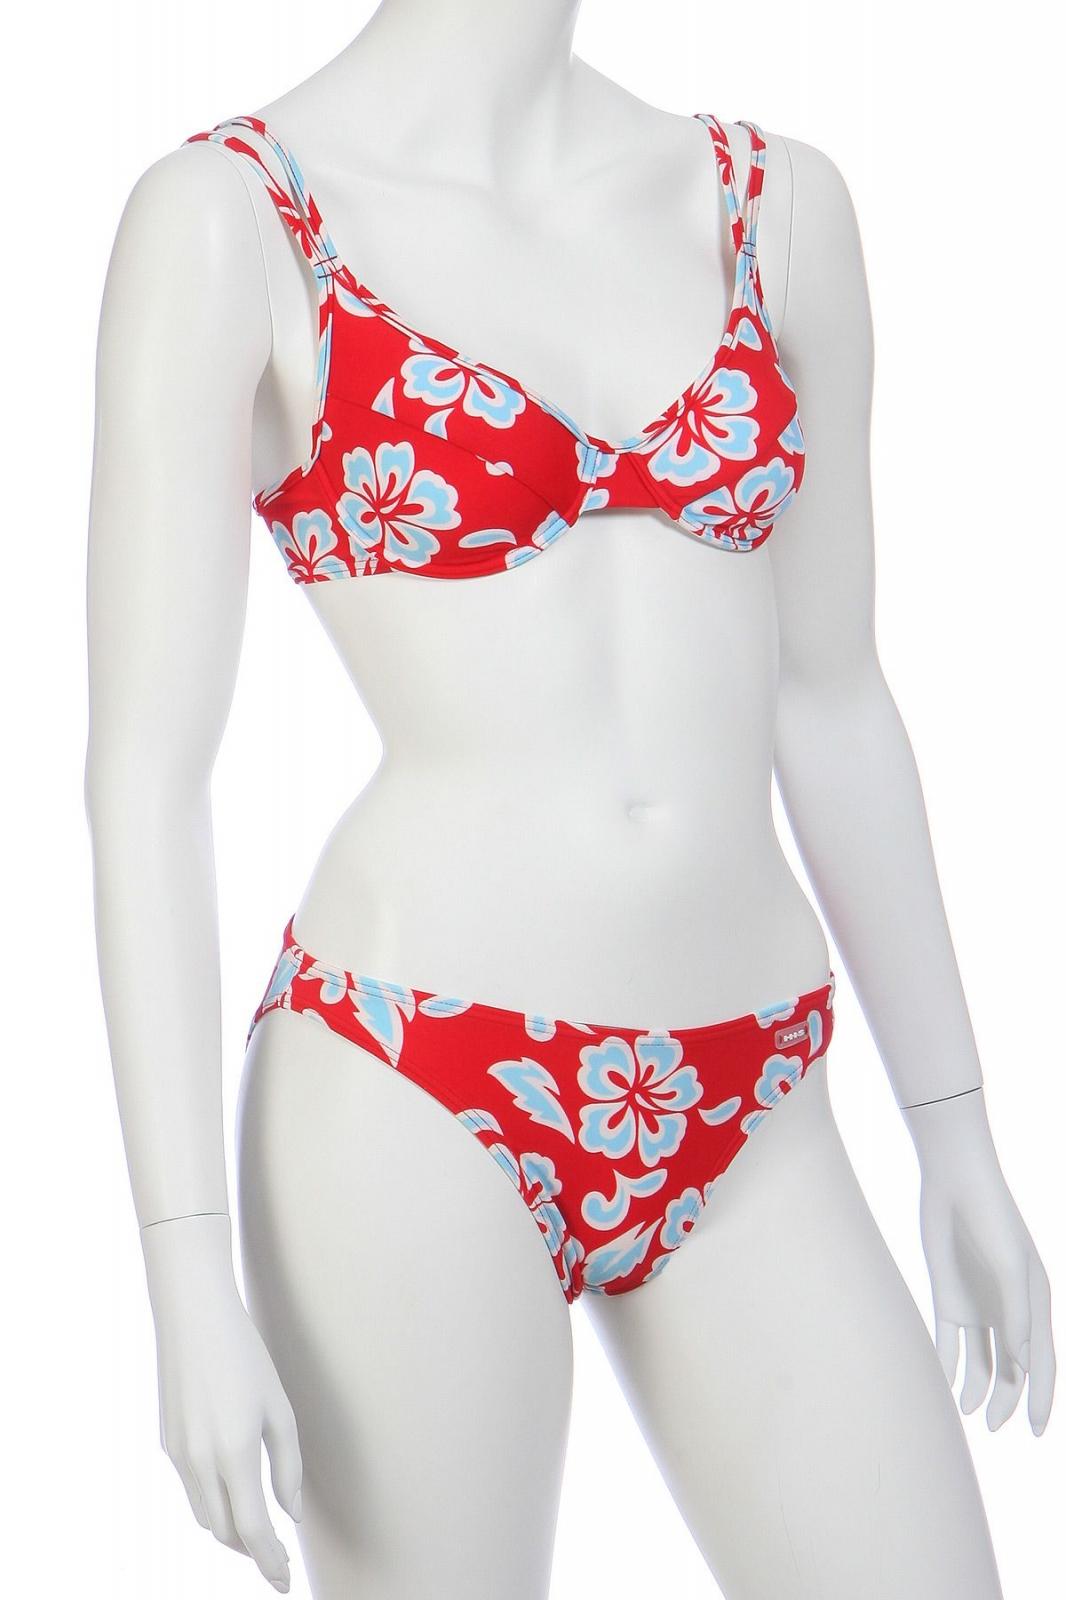 Красный купальник с белыми цветами